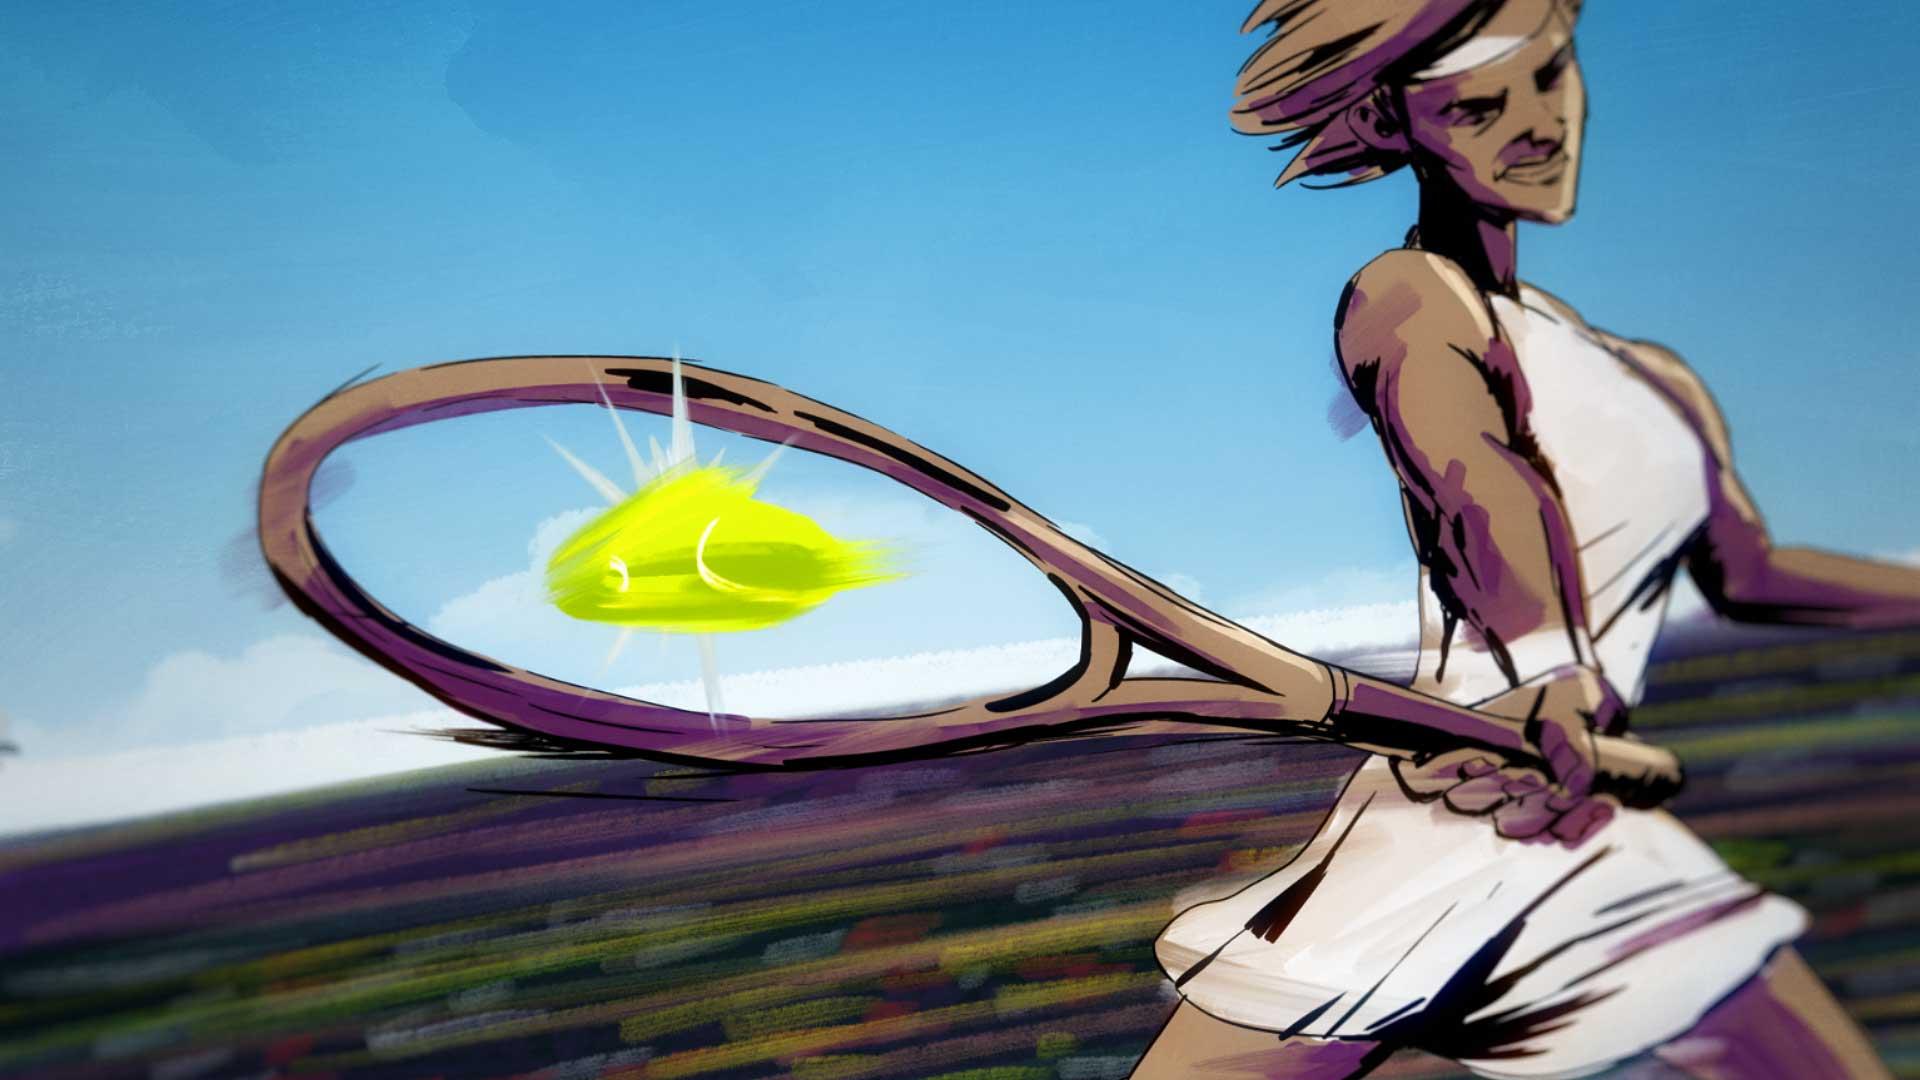 Wimbledon2019_EVAN_30s_25fps_v4e.jpg